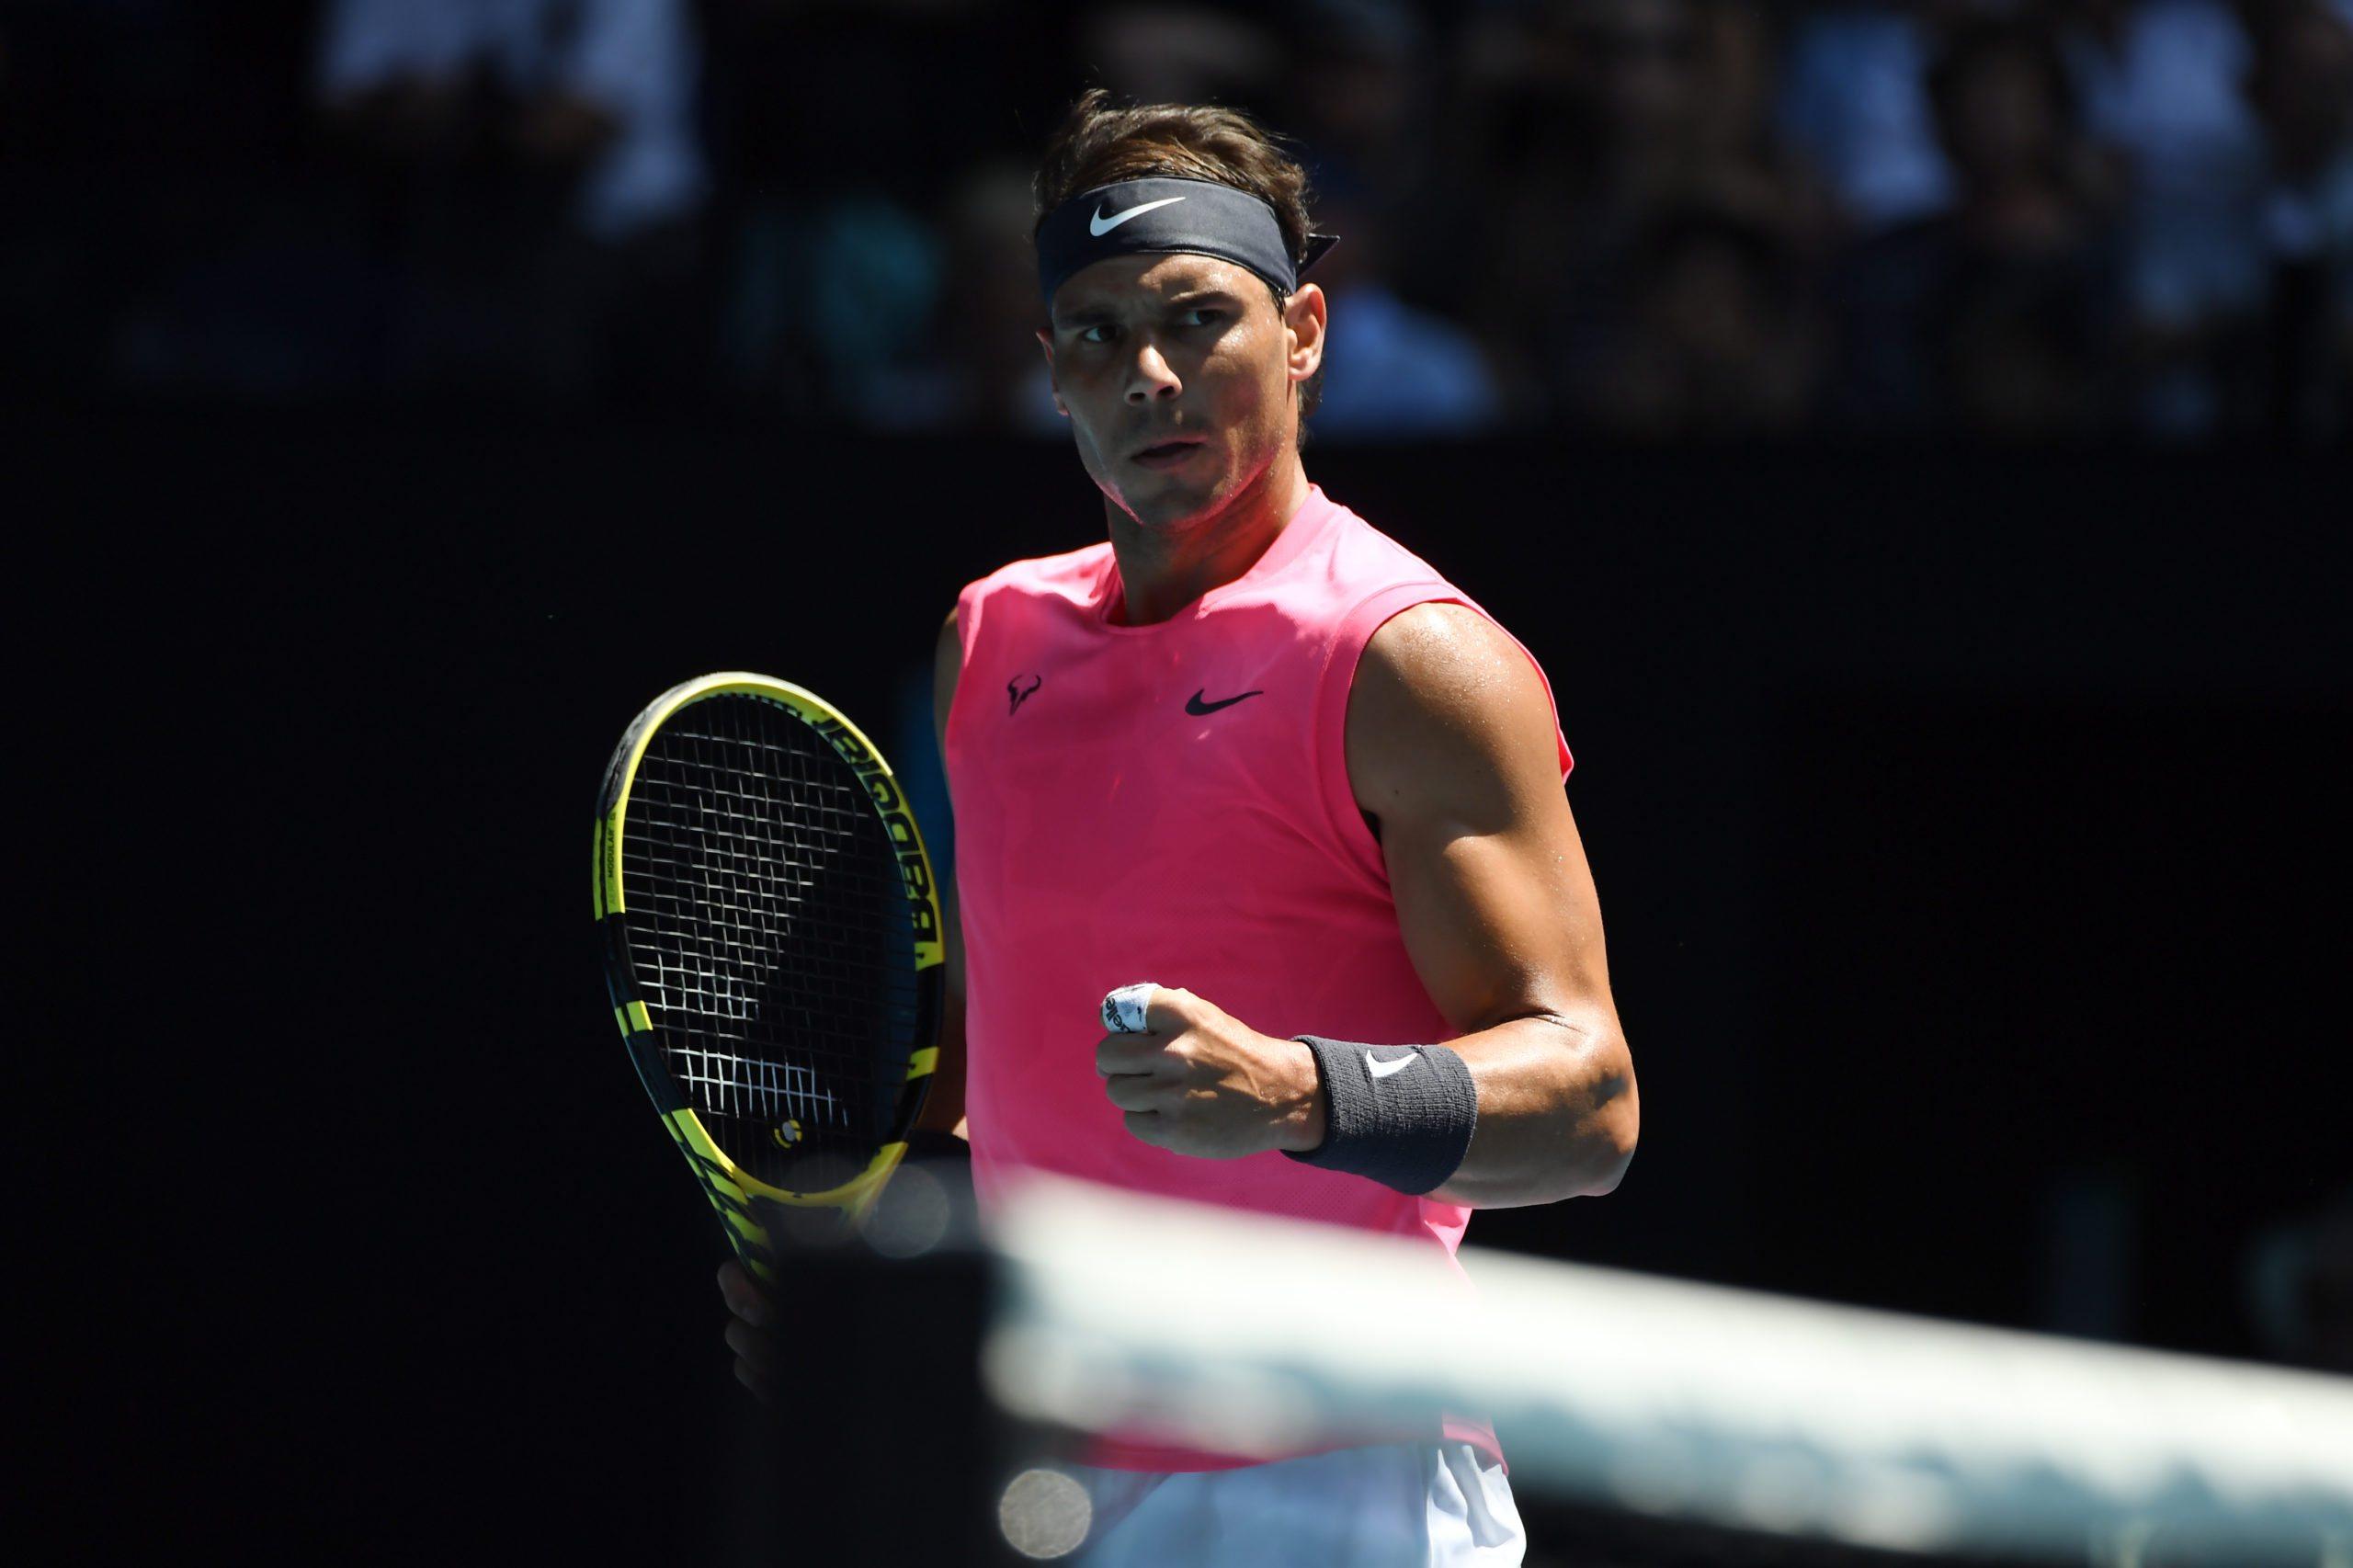 Menadżer Thiema broni decyzji Nadala o rezygnacji z US Open: Wiele już wygrał, teraz może kalkulować